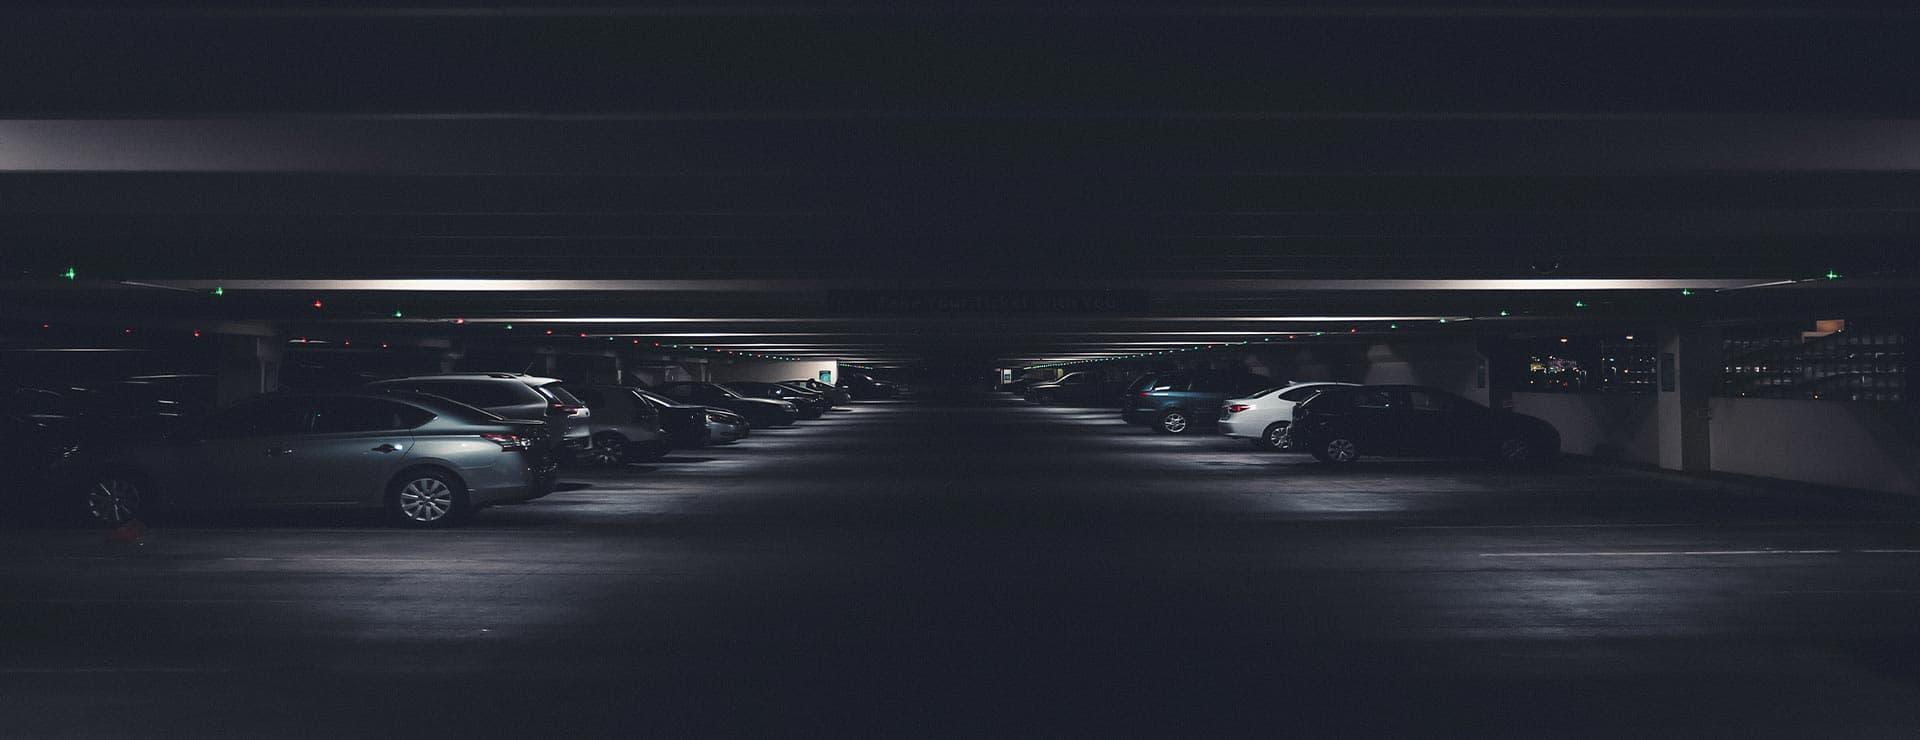 Osuszanie garaży podziemnych i Hydroizolacja garaży podziemnych